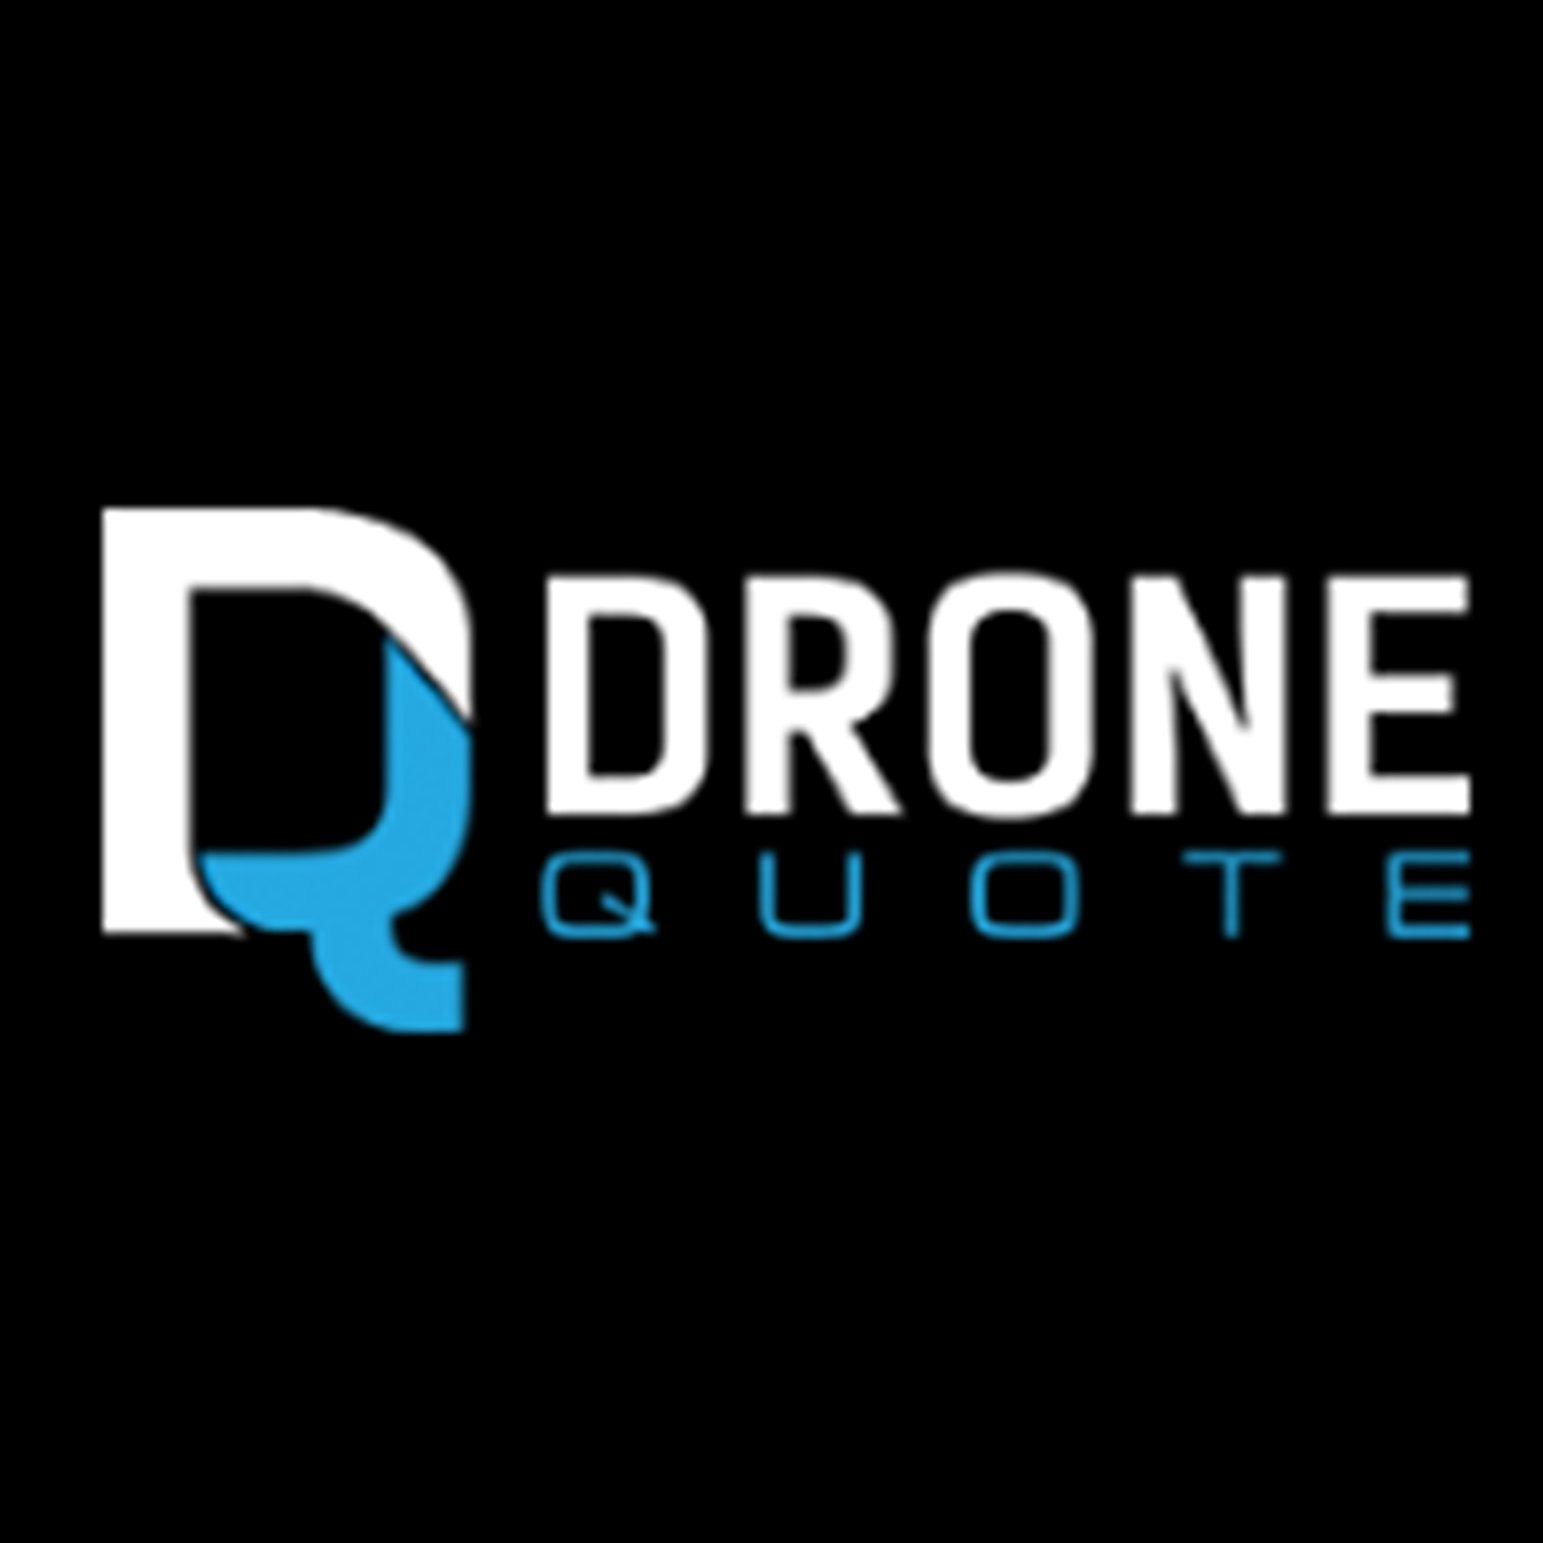 DroneQuote